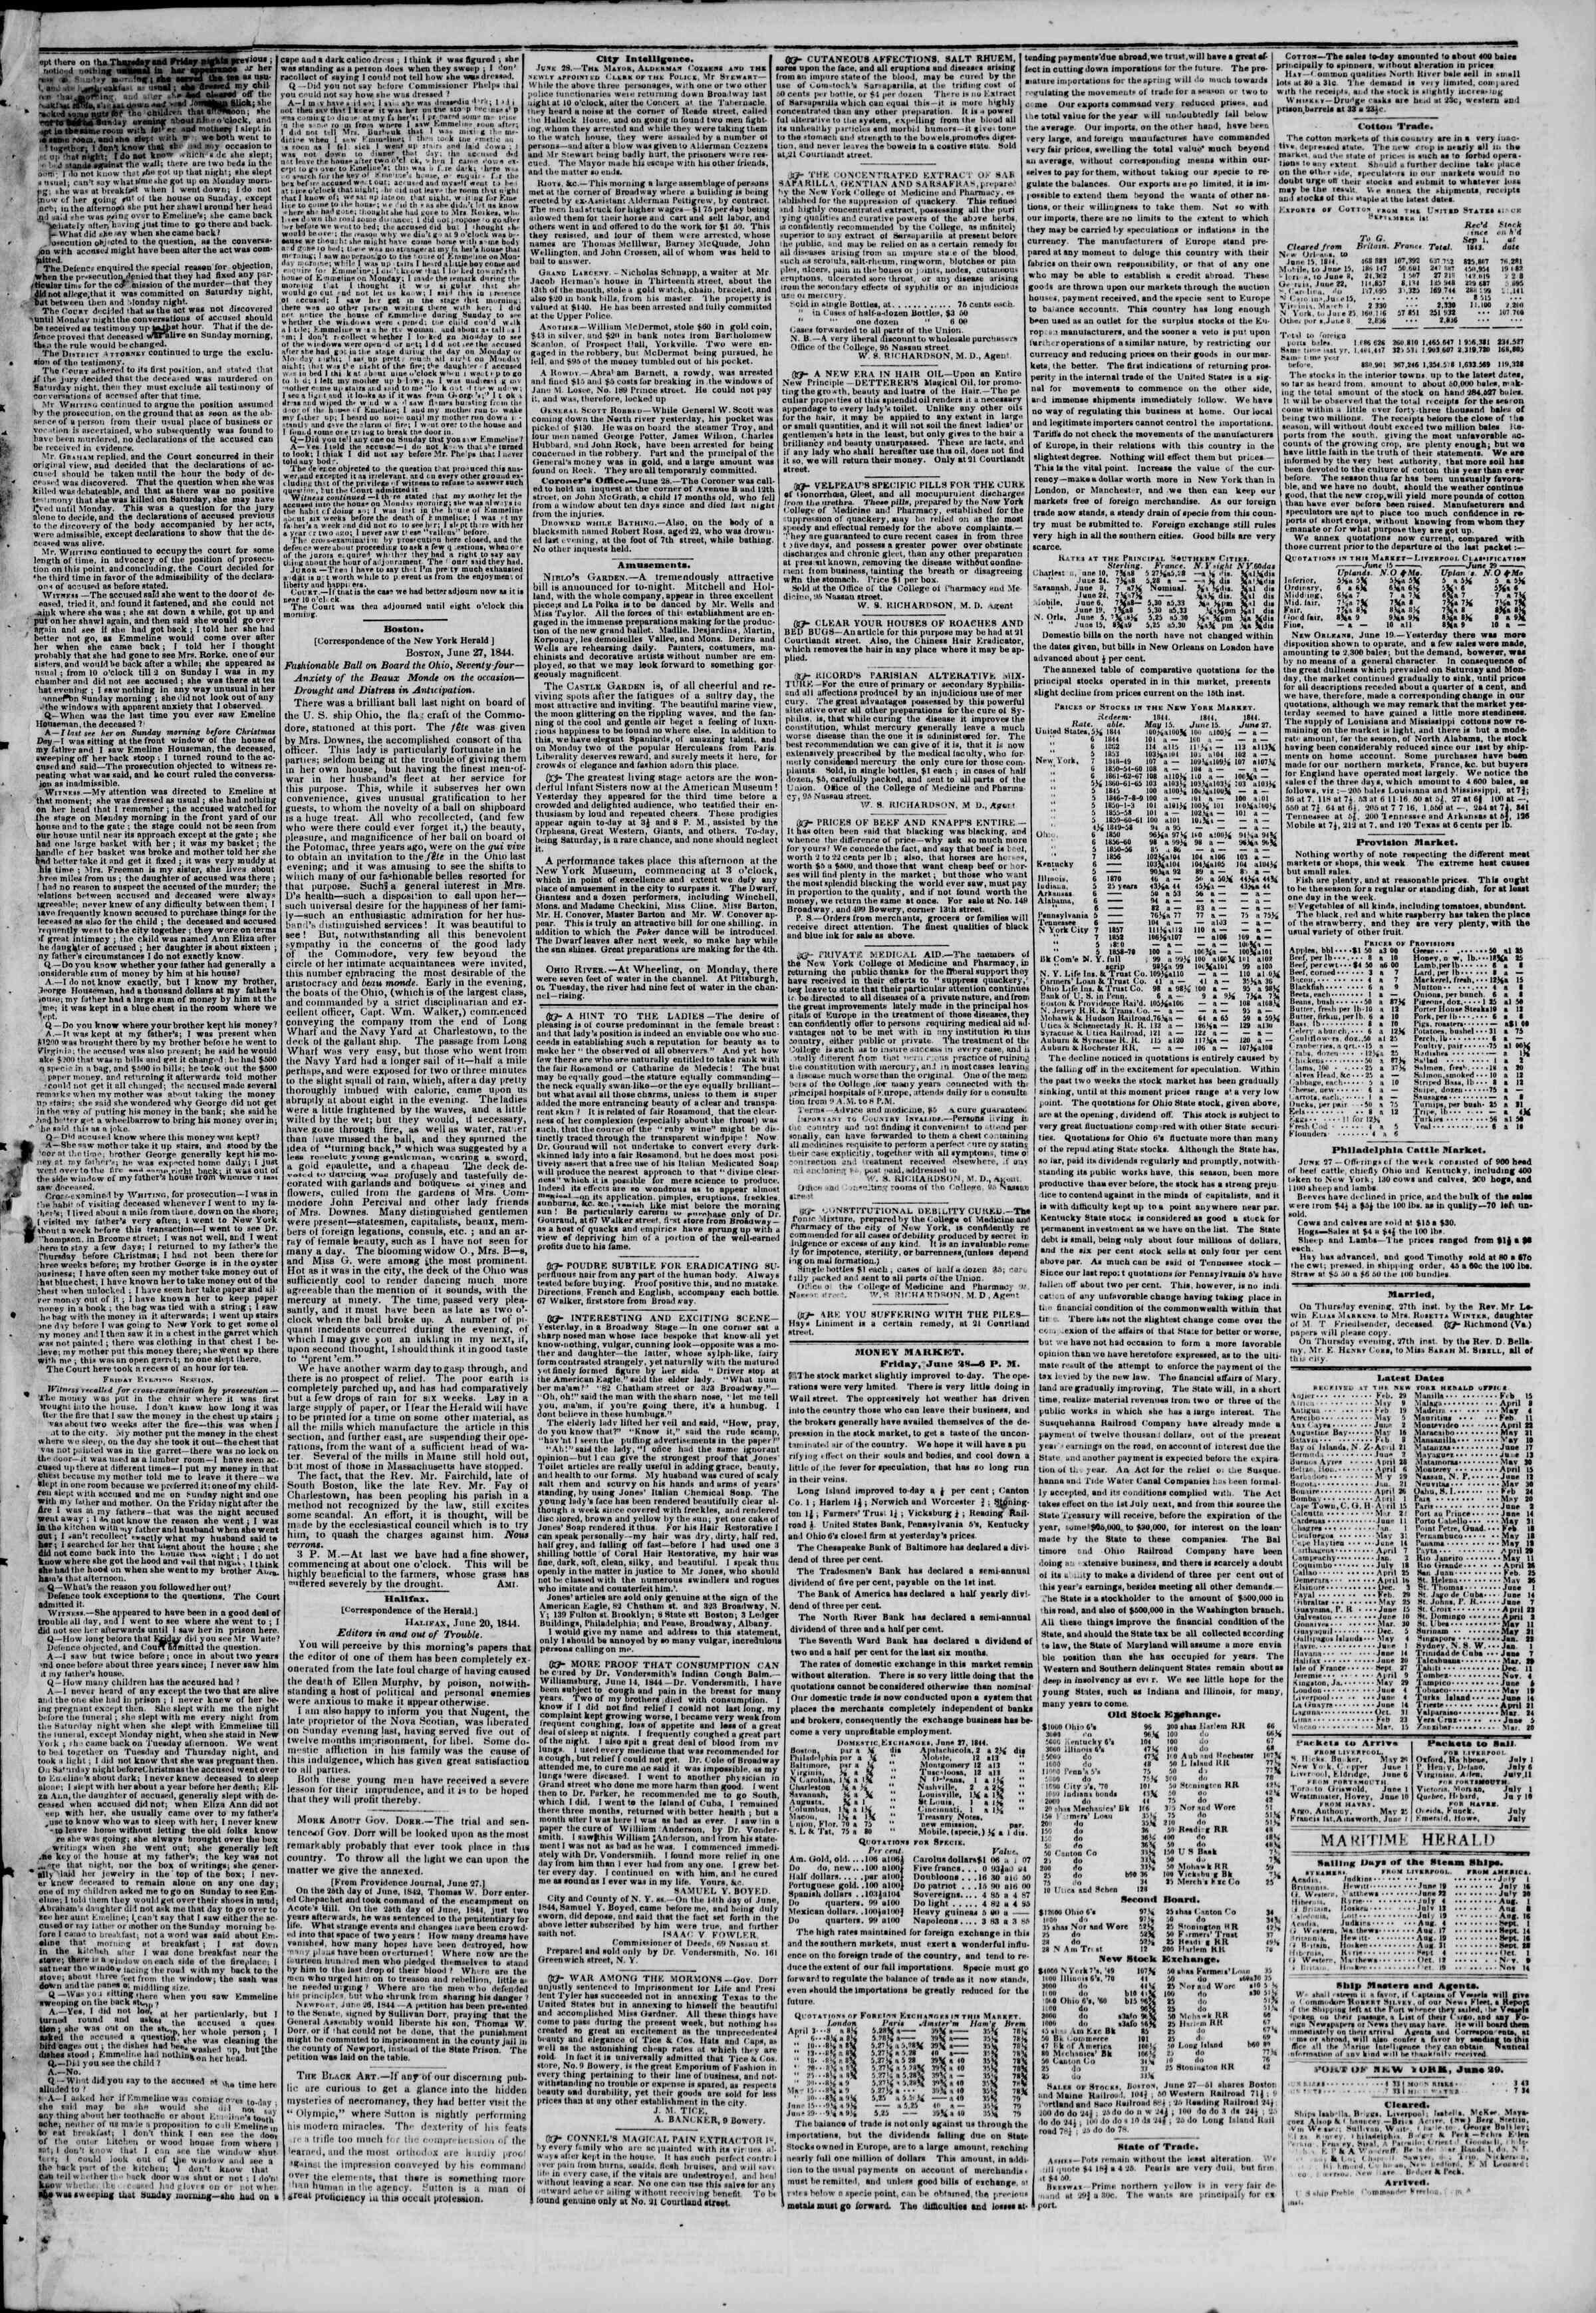 June 29, 1844 Tarihli The New York Herald Gazetesi Sayfa 3